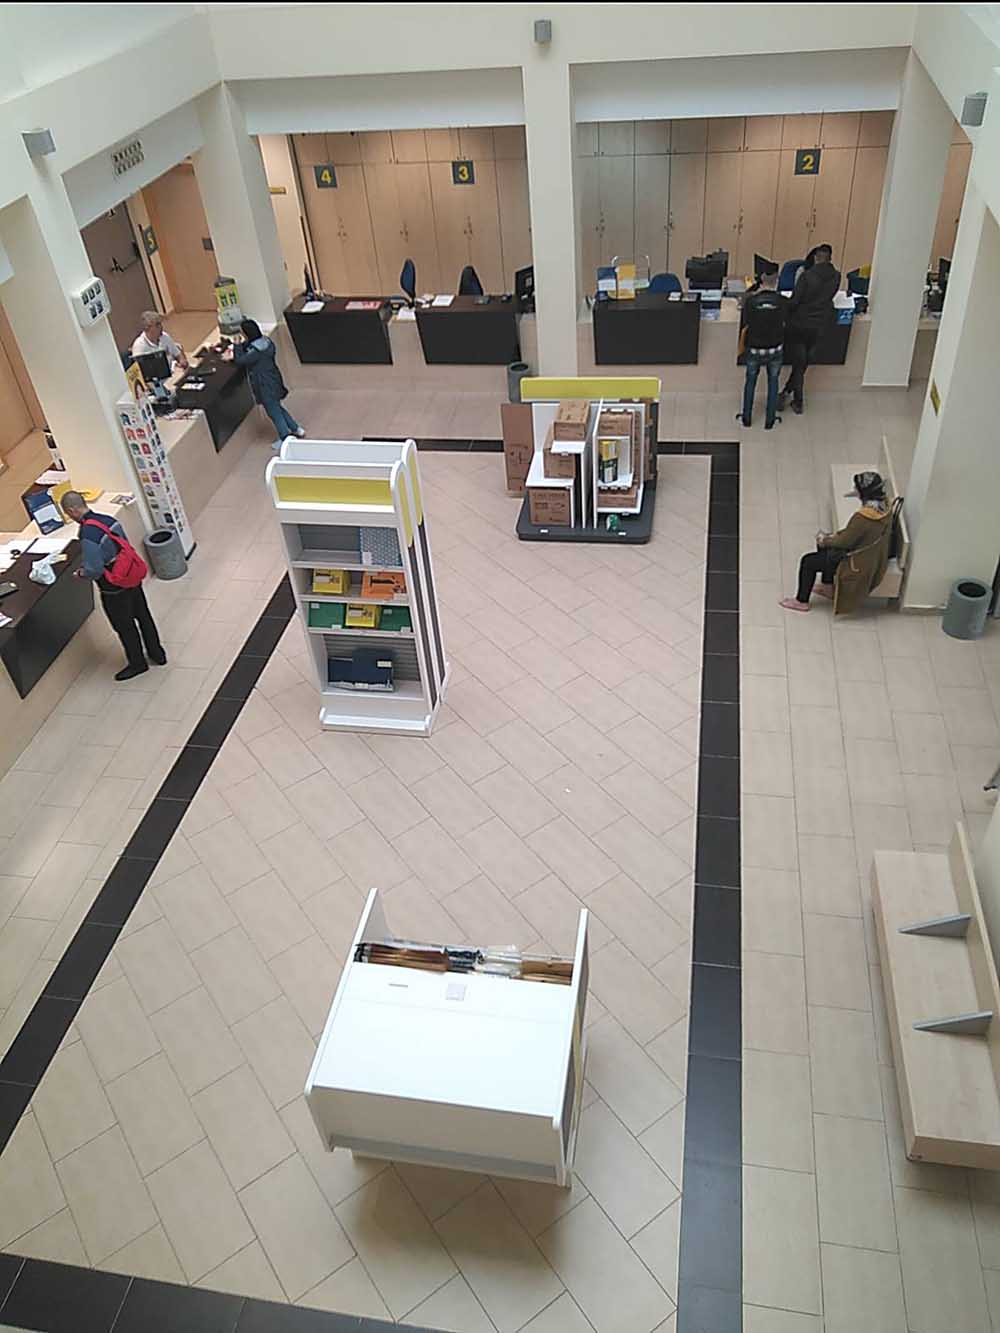 Correos renueva su oficina de plaza espa a for Oficina central correos madrid